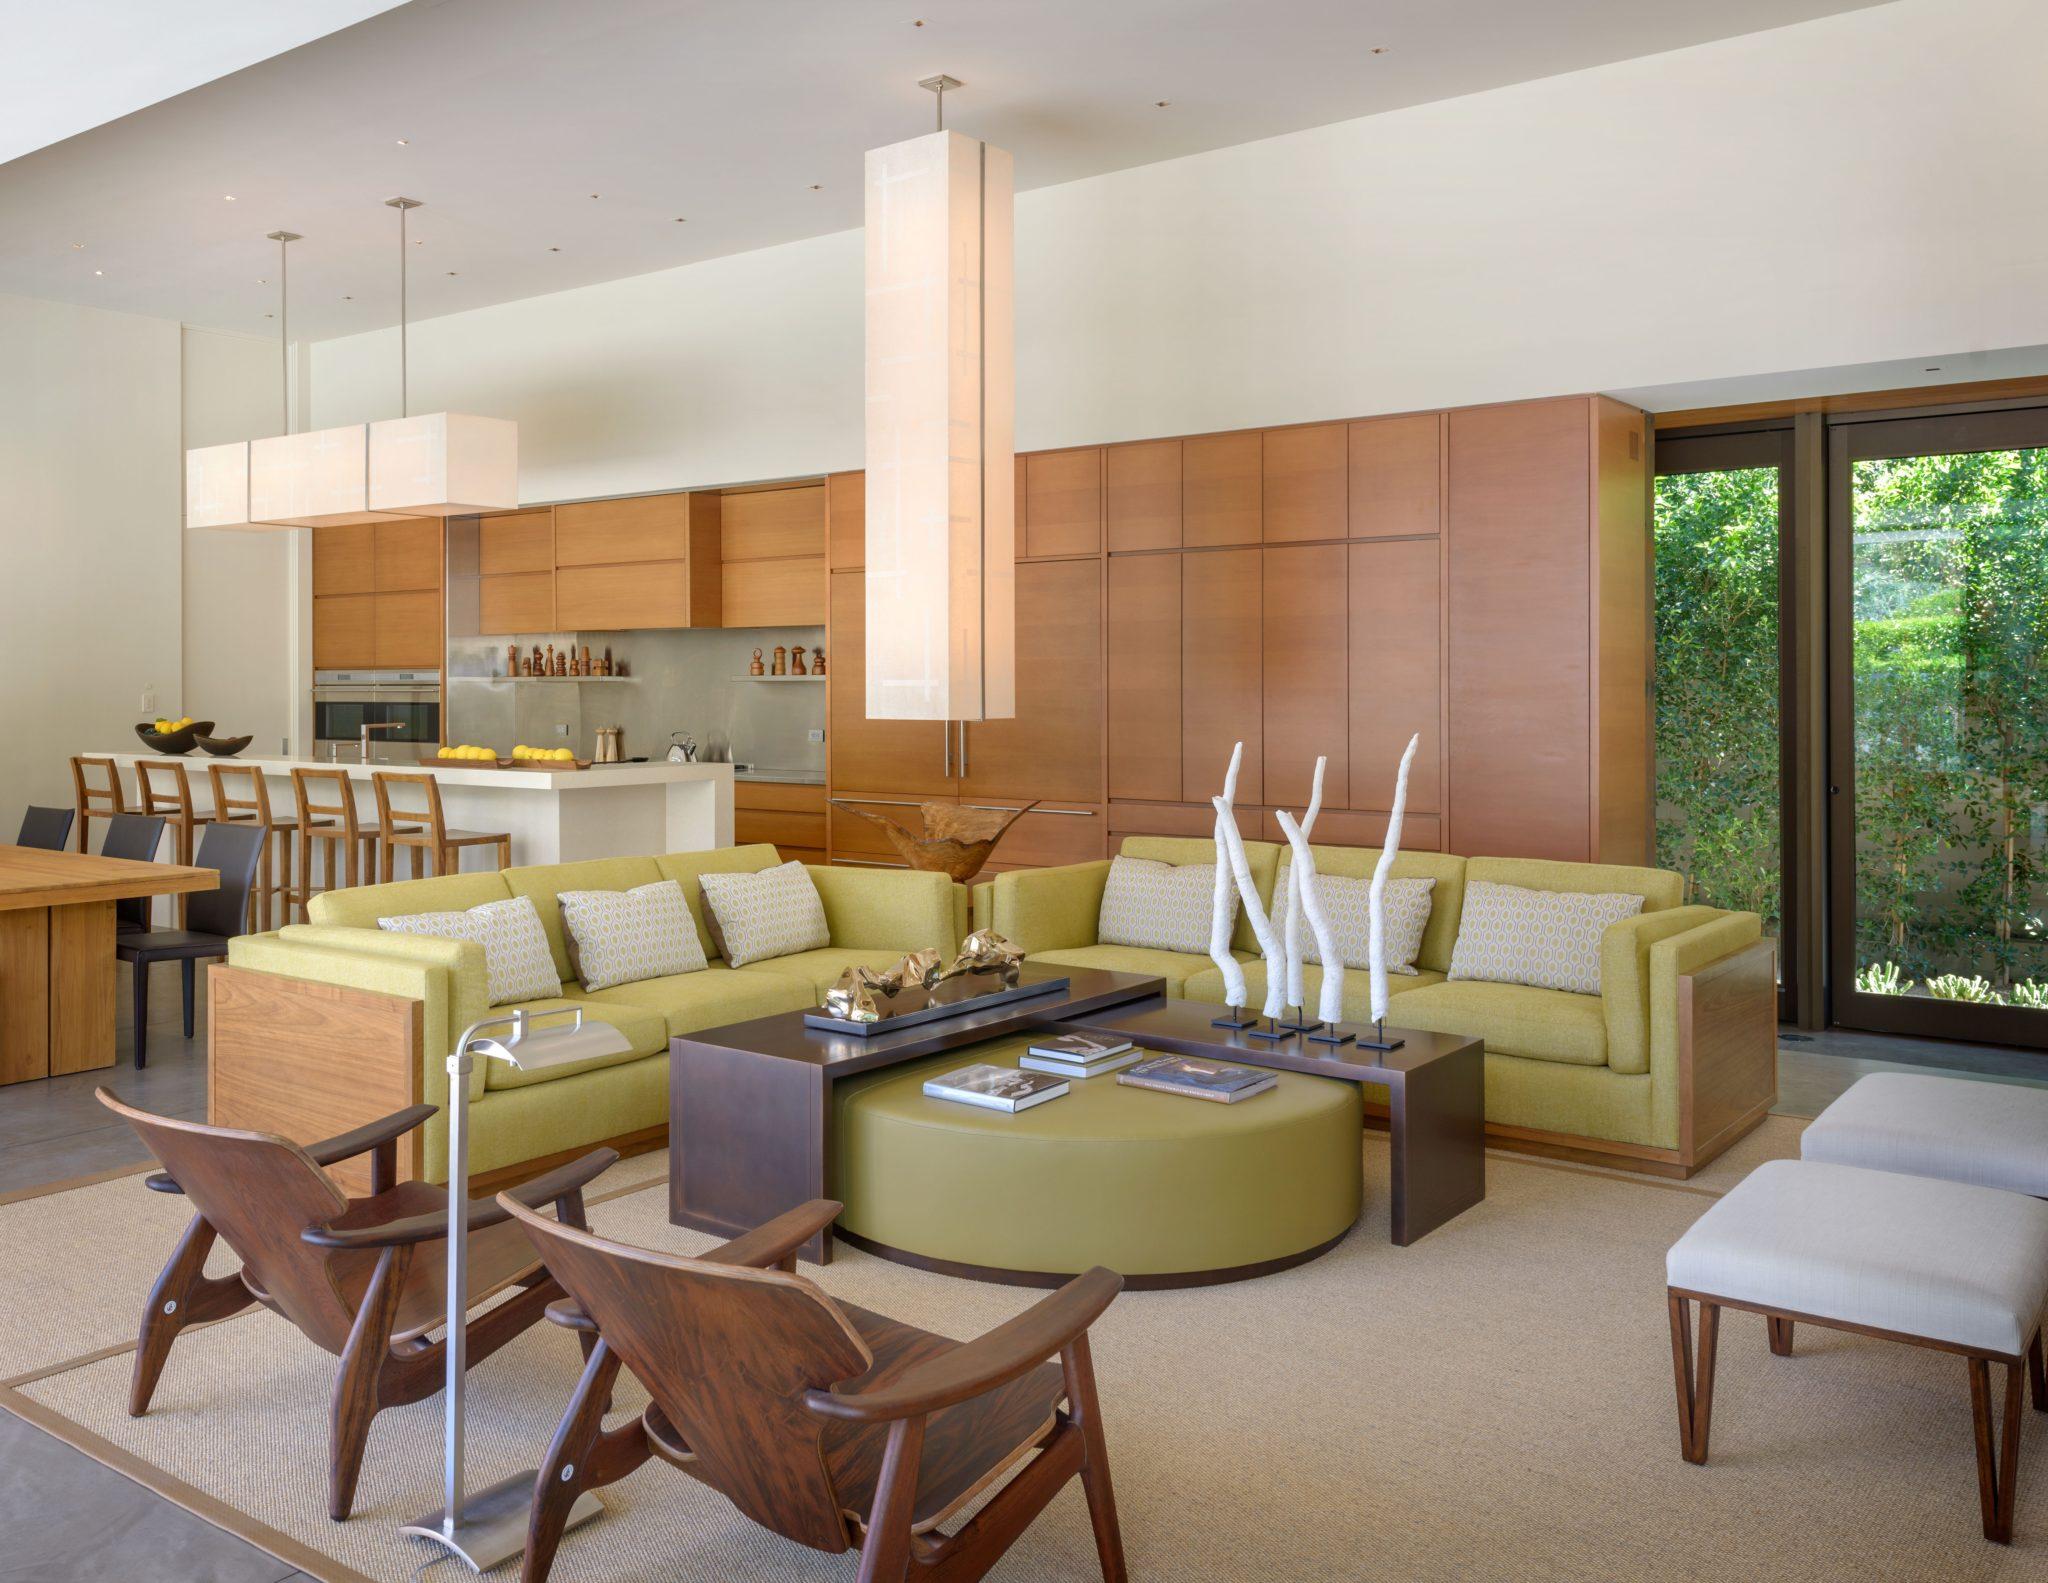 Cùng chiêm ngưỡng vẻ đẹp khó cưỡng của những căn phòng khách mang phong cách đương đại - Ảnh 8.